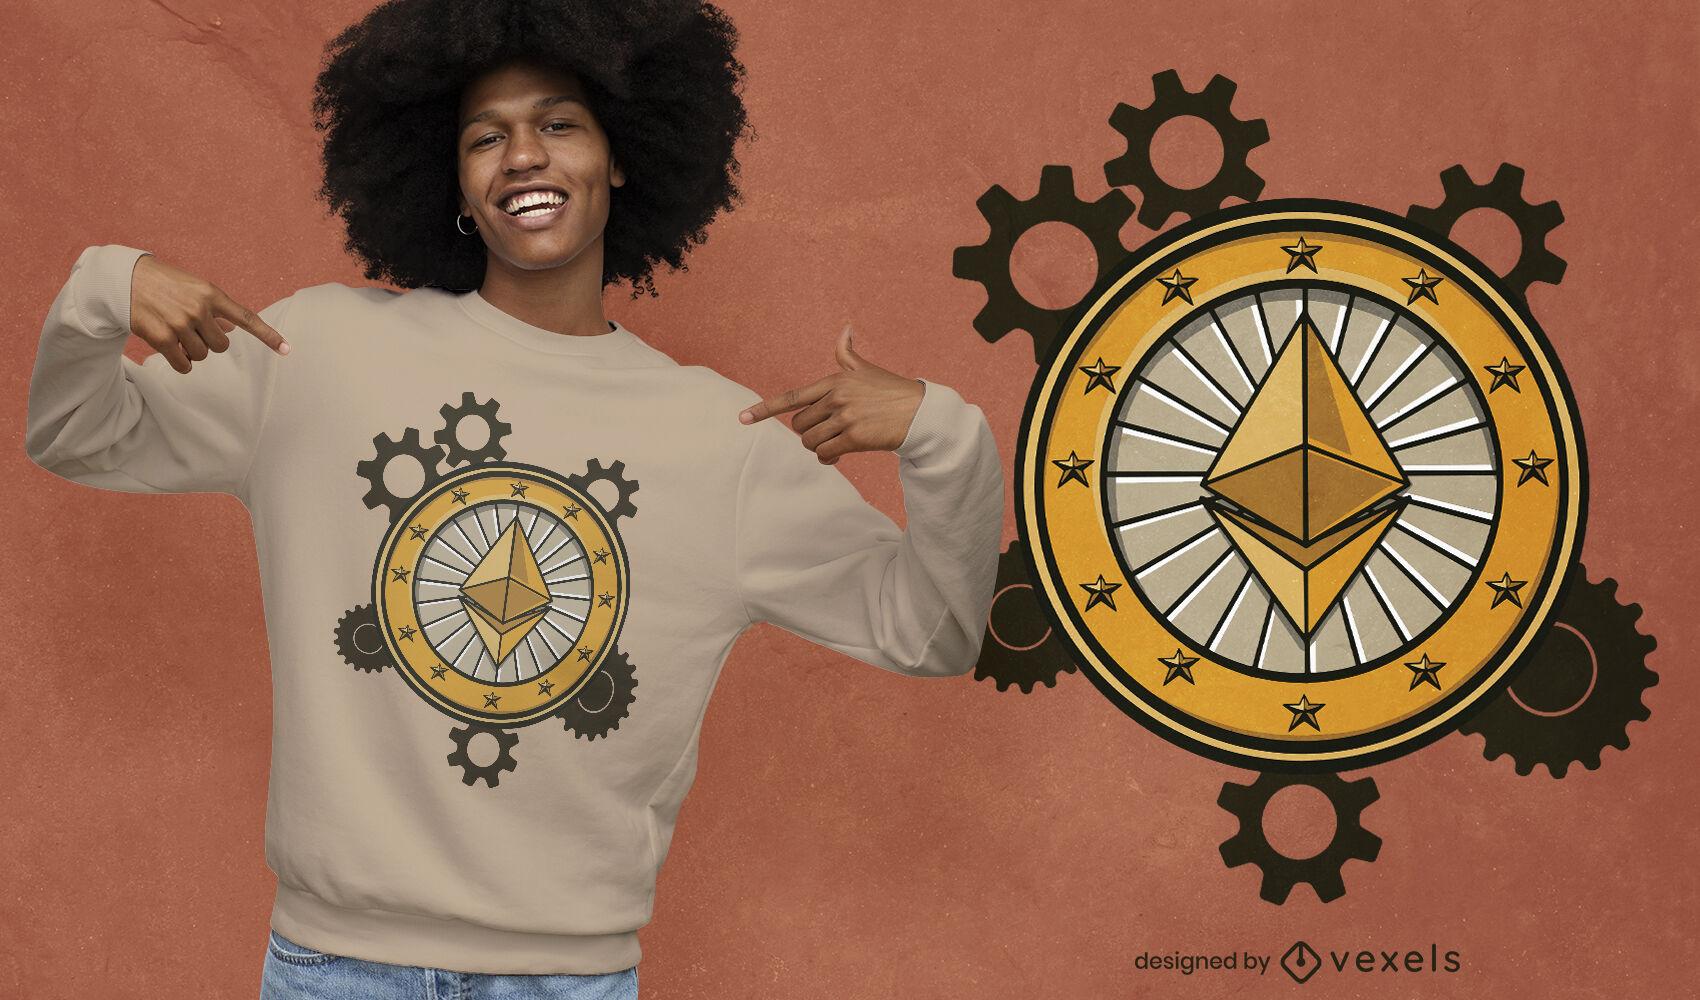 Ethereum gears t-shirt design